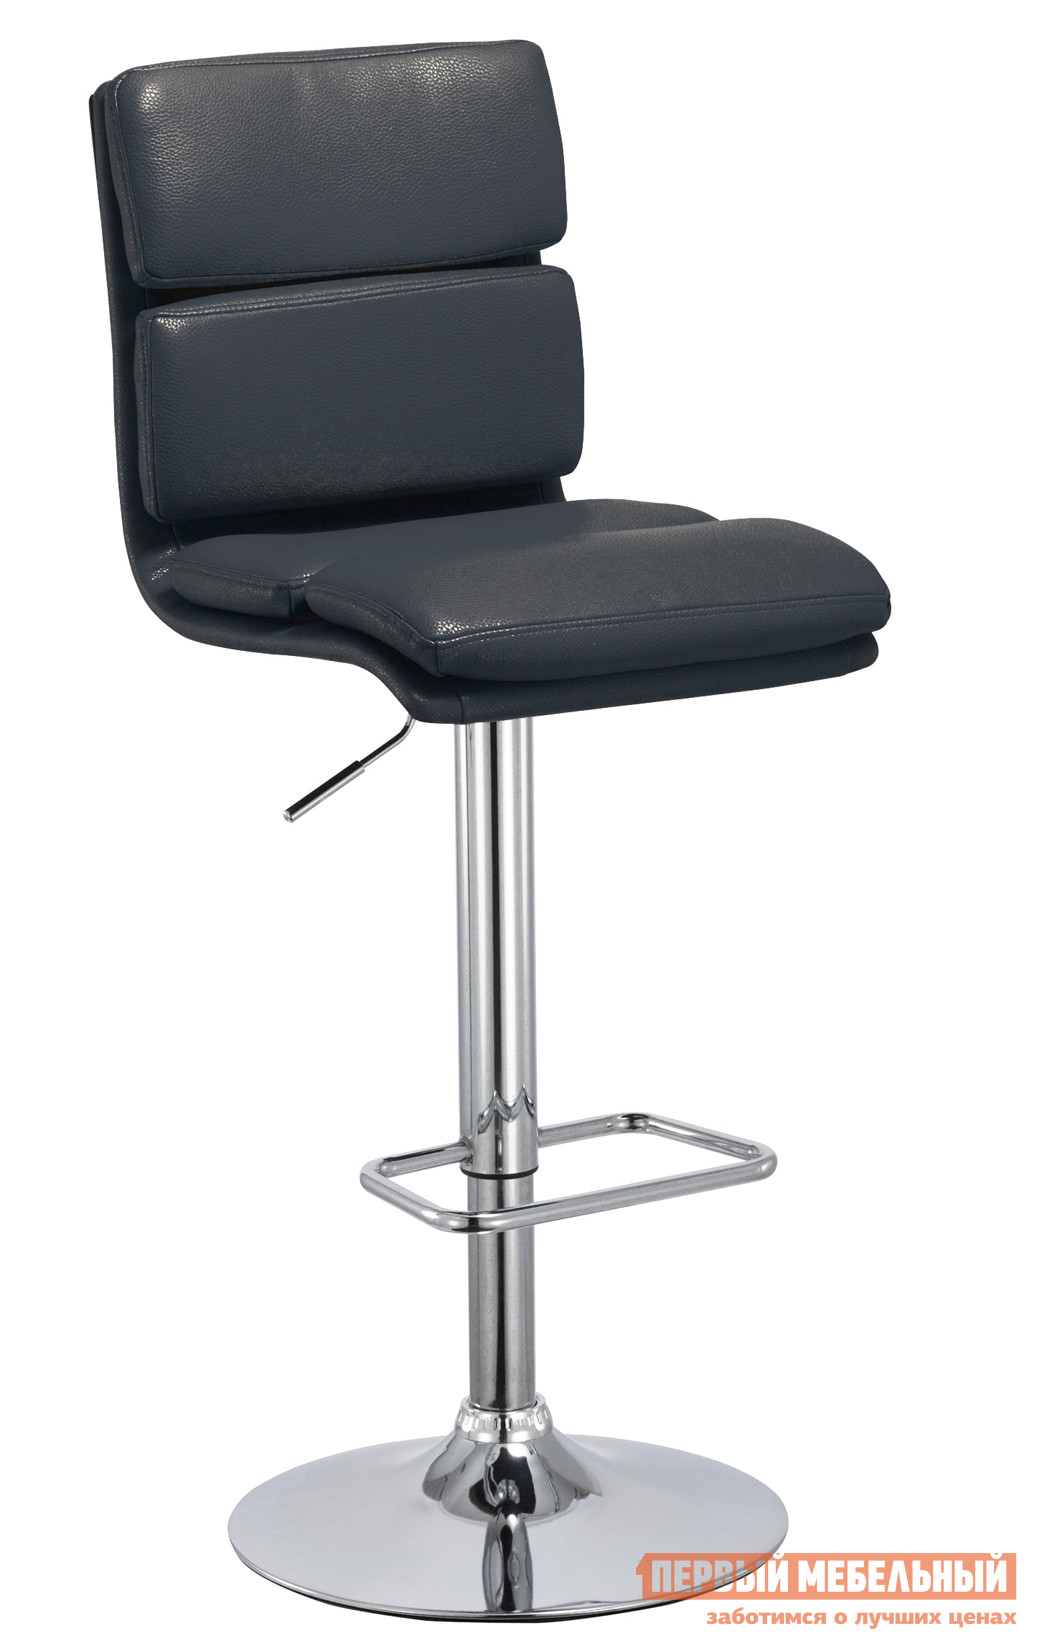 Барный стул Stool Group Abba